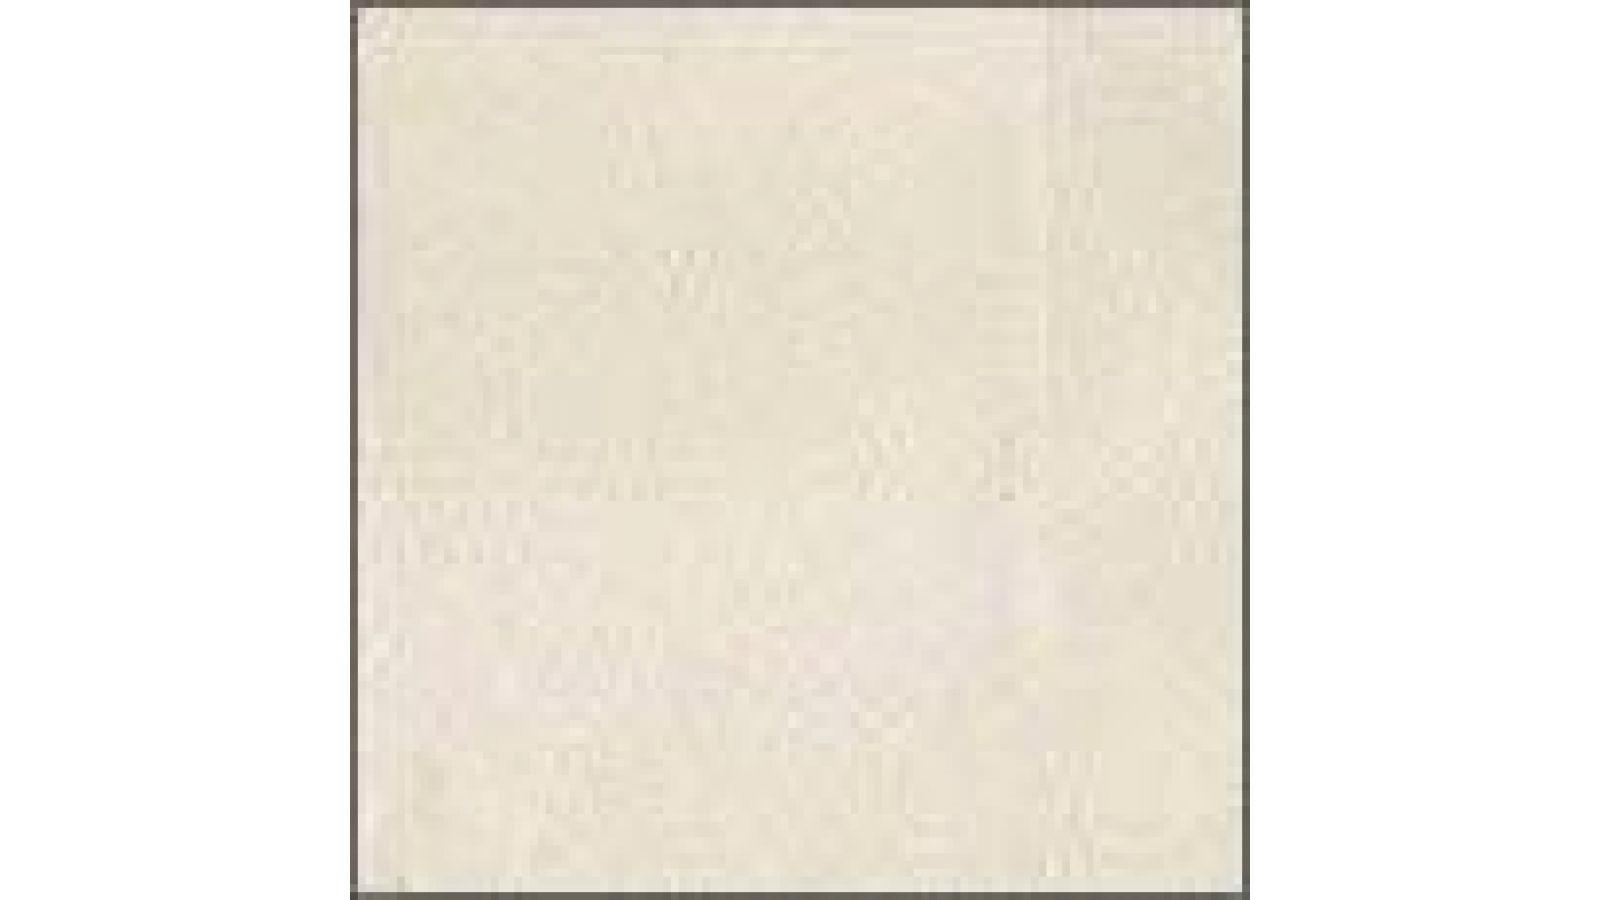 Backlight Vinyl - Semi Precious¢â€ž¢